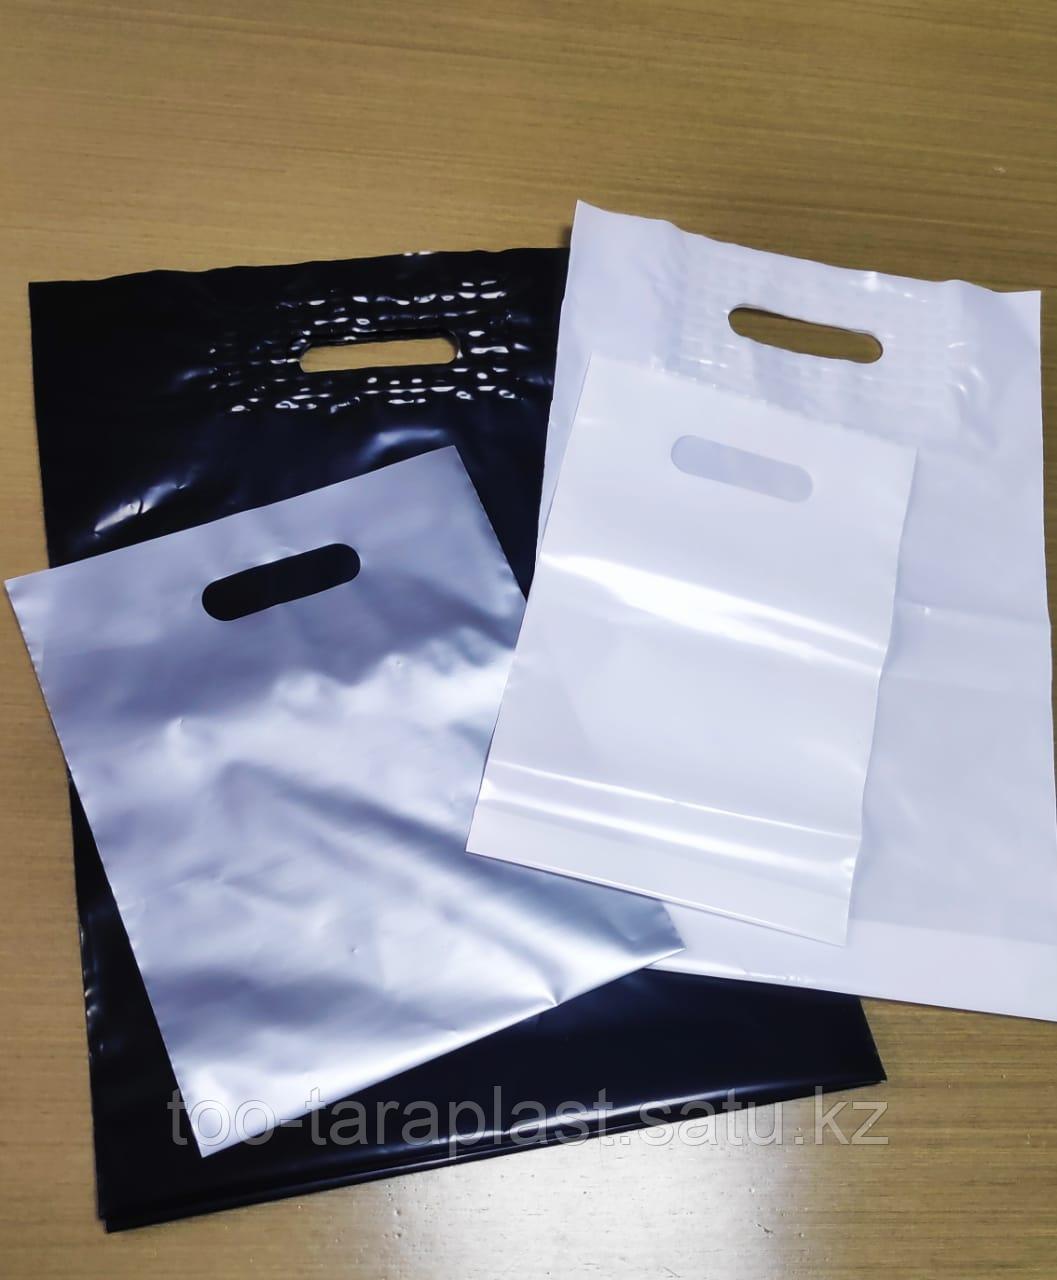 Пакеты полиэтиленовые 30*40см - фото 1